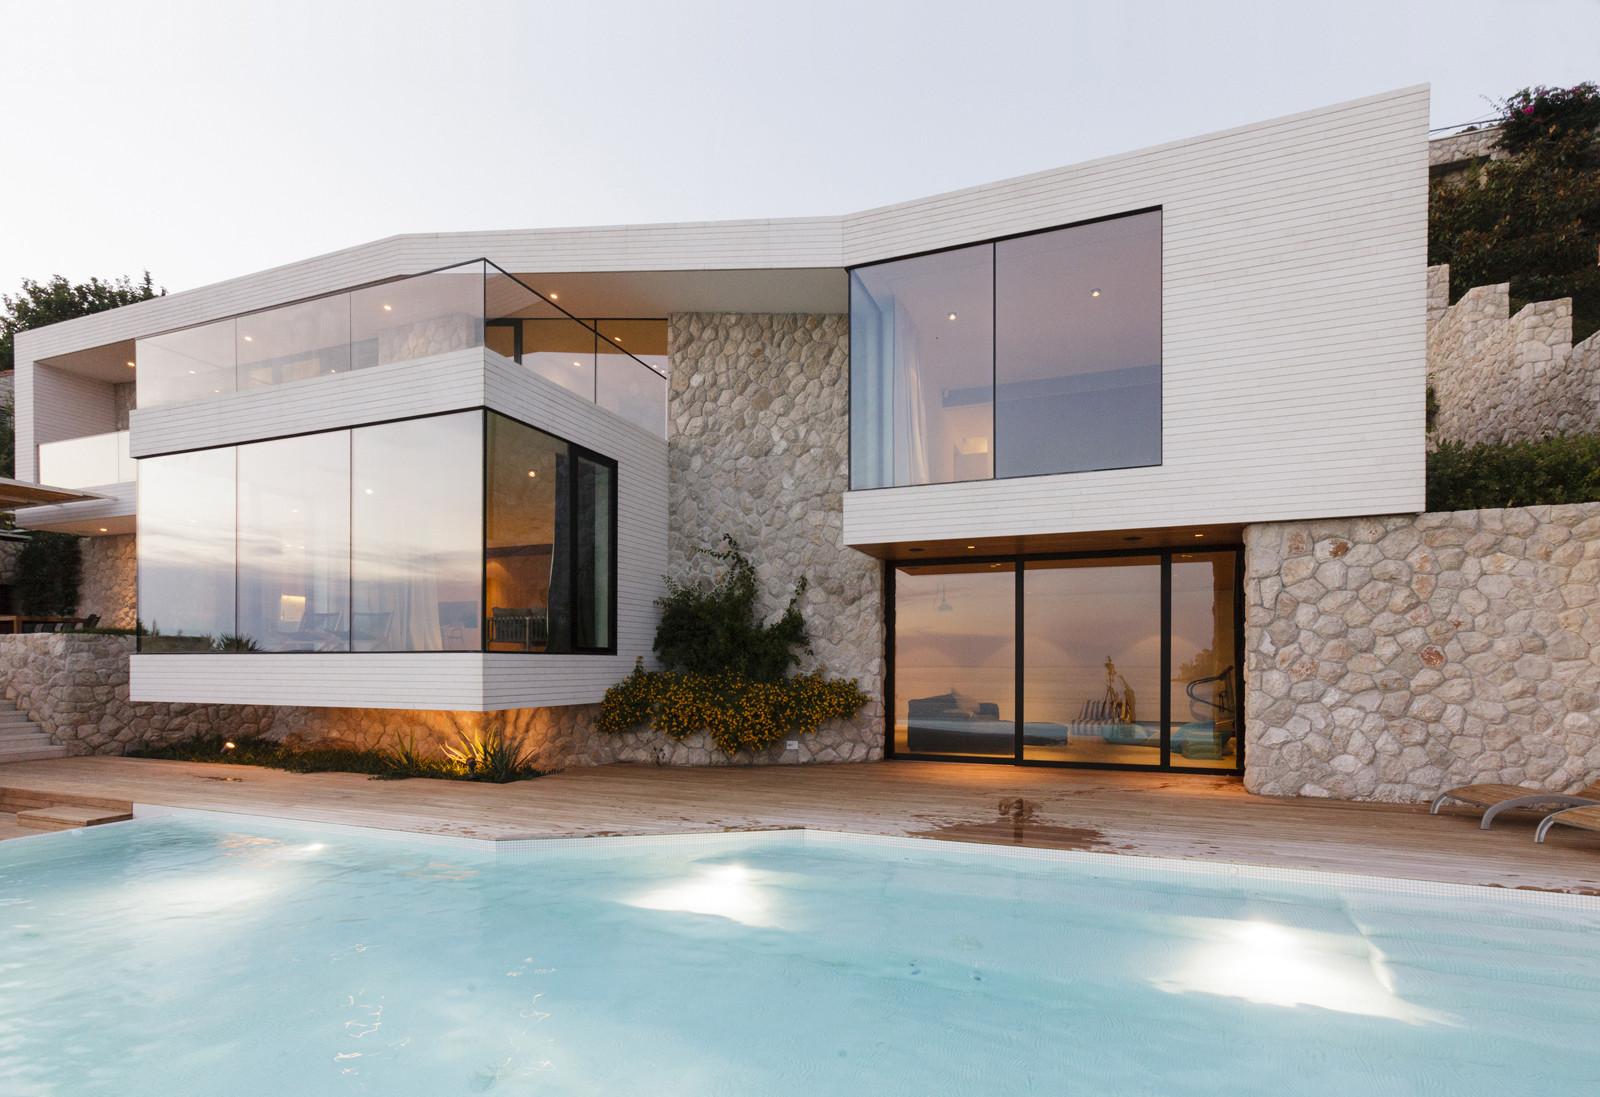 House V2 / 3LHD, © Marko Ercegovic